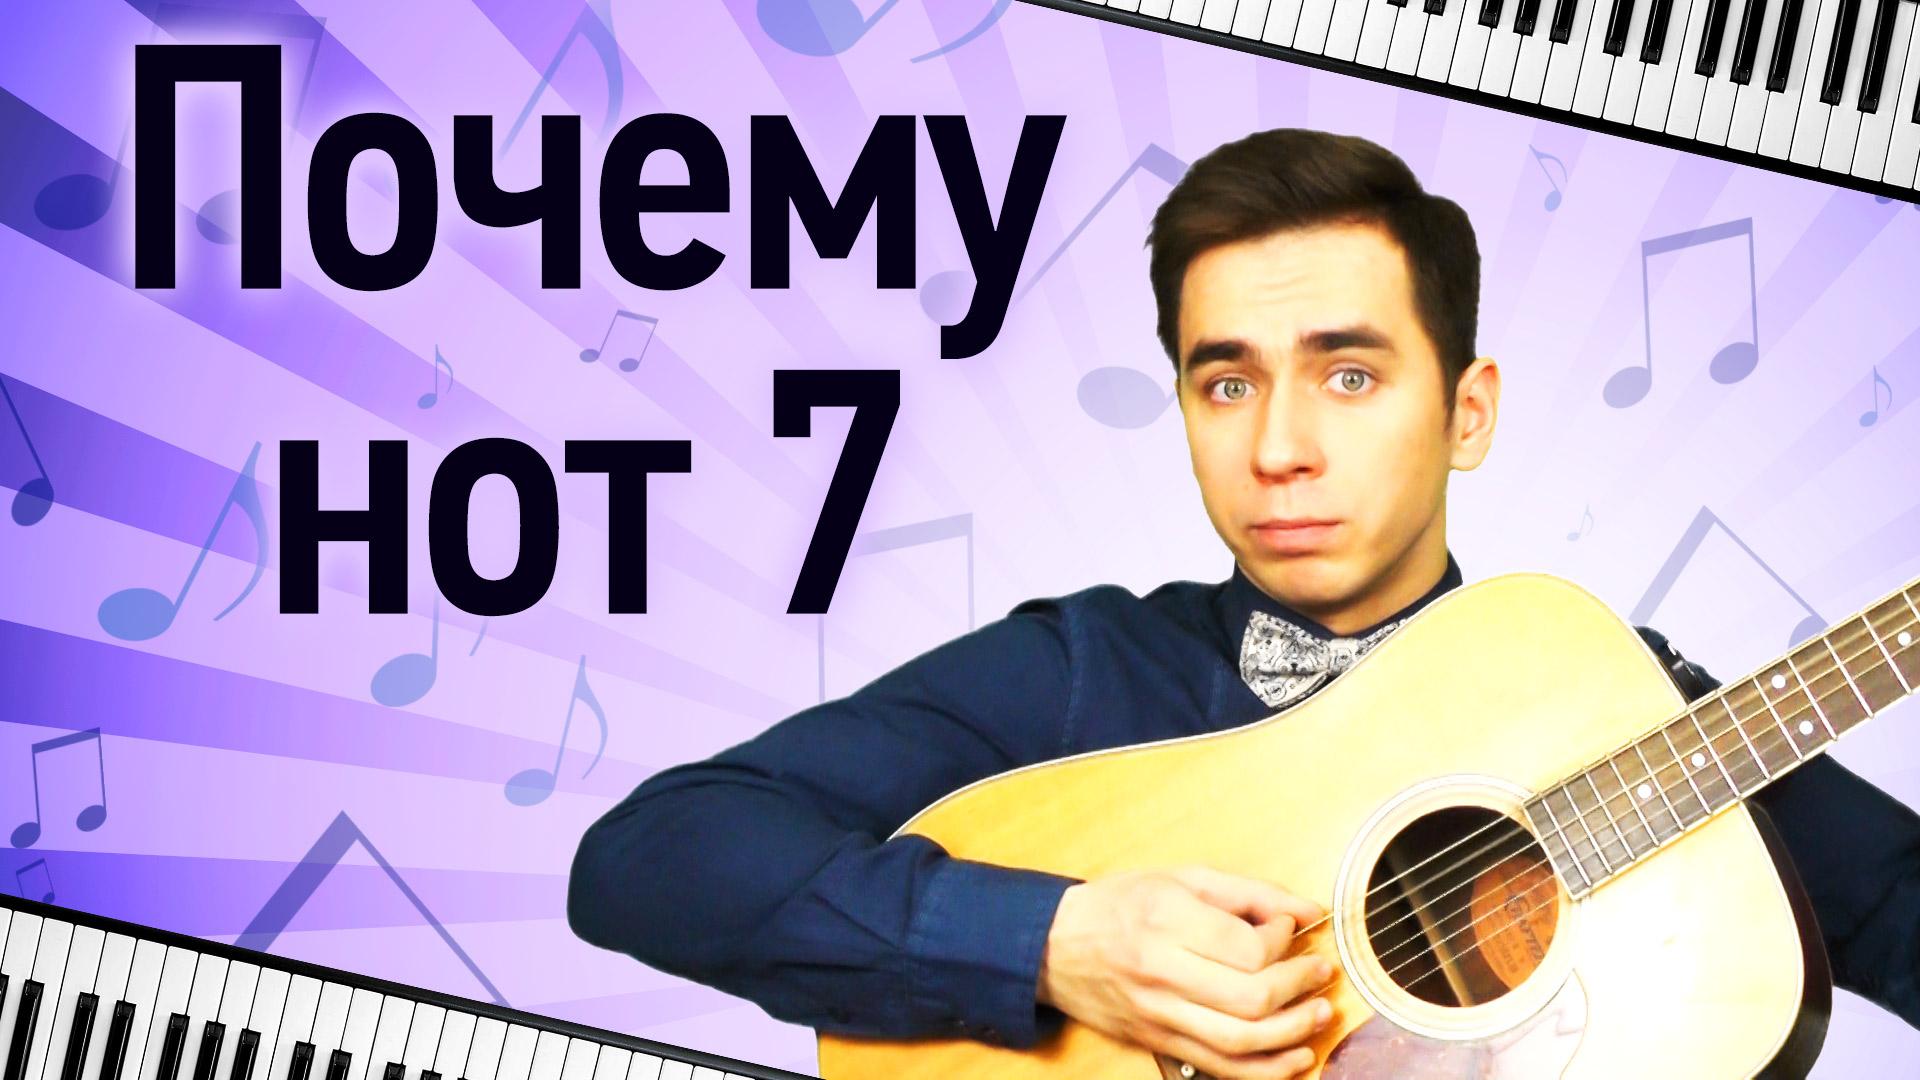 наука,музыка,ноты,семь,гармония,интервалы,мелодия, Почему нот семь?